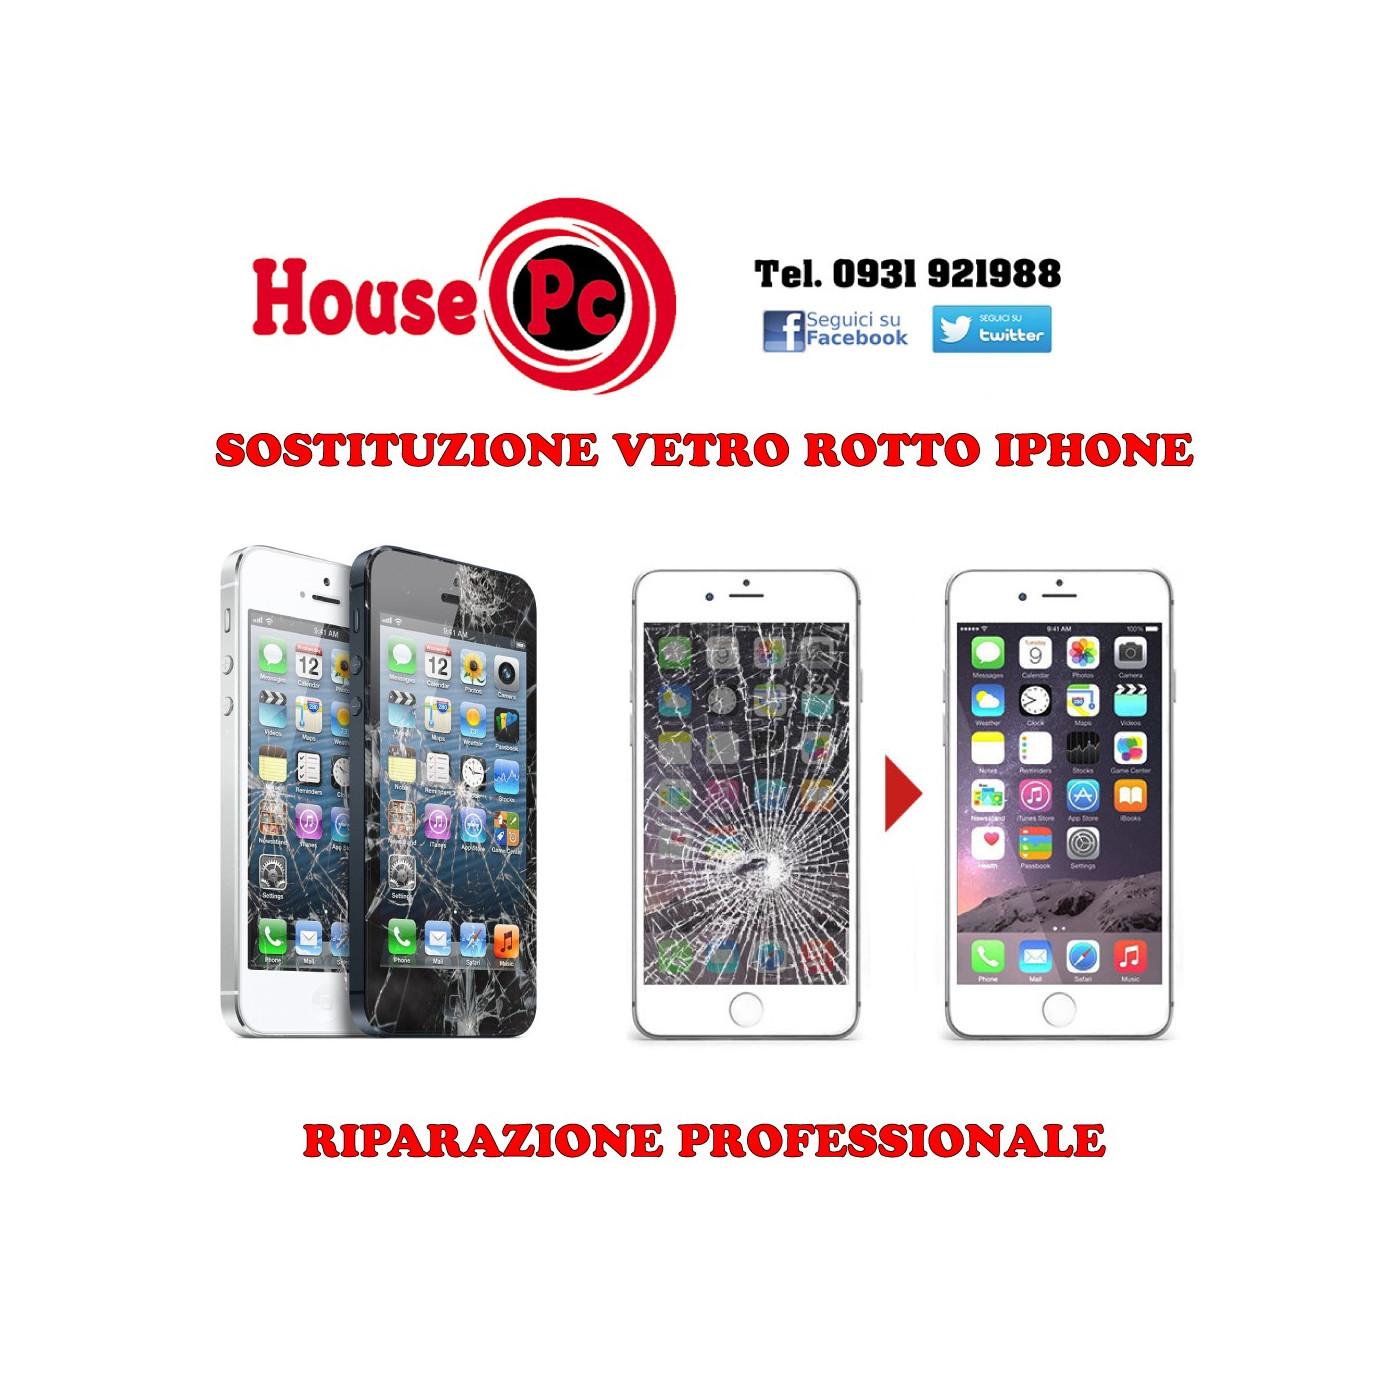 Sostituzione Vetro Rotto Iphone 6 7 8 X Xs Xr Riparazione Vetrino D